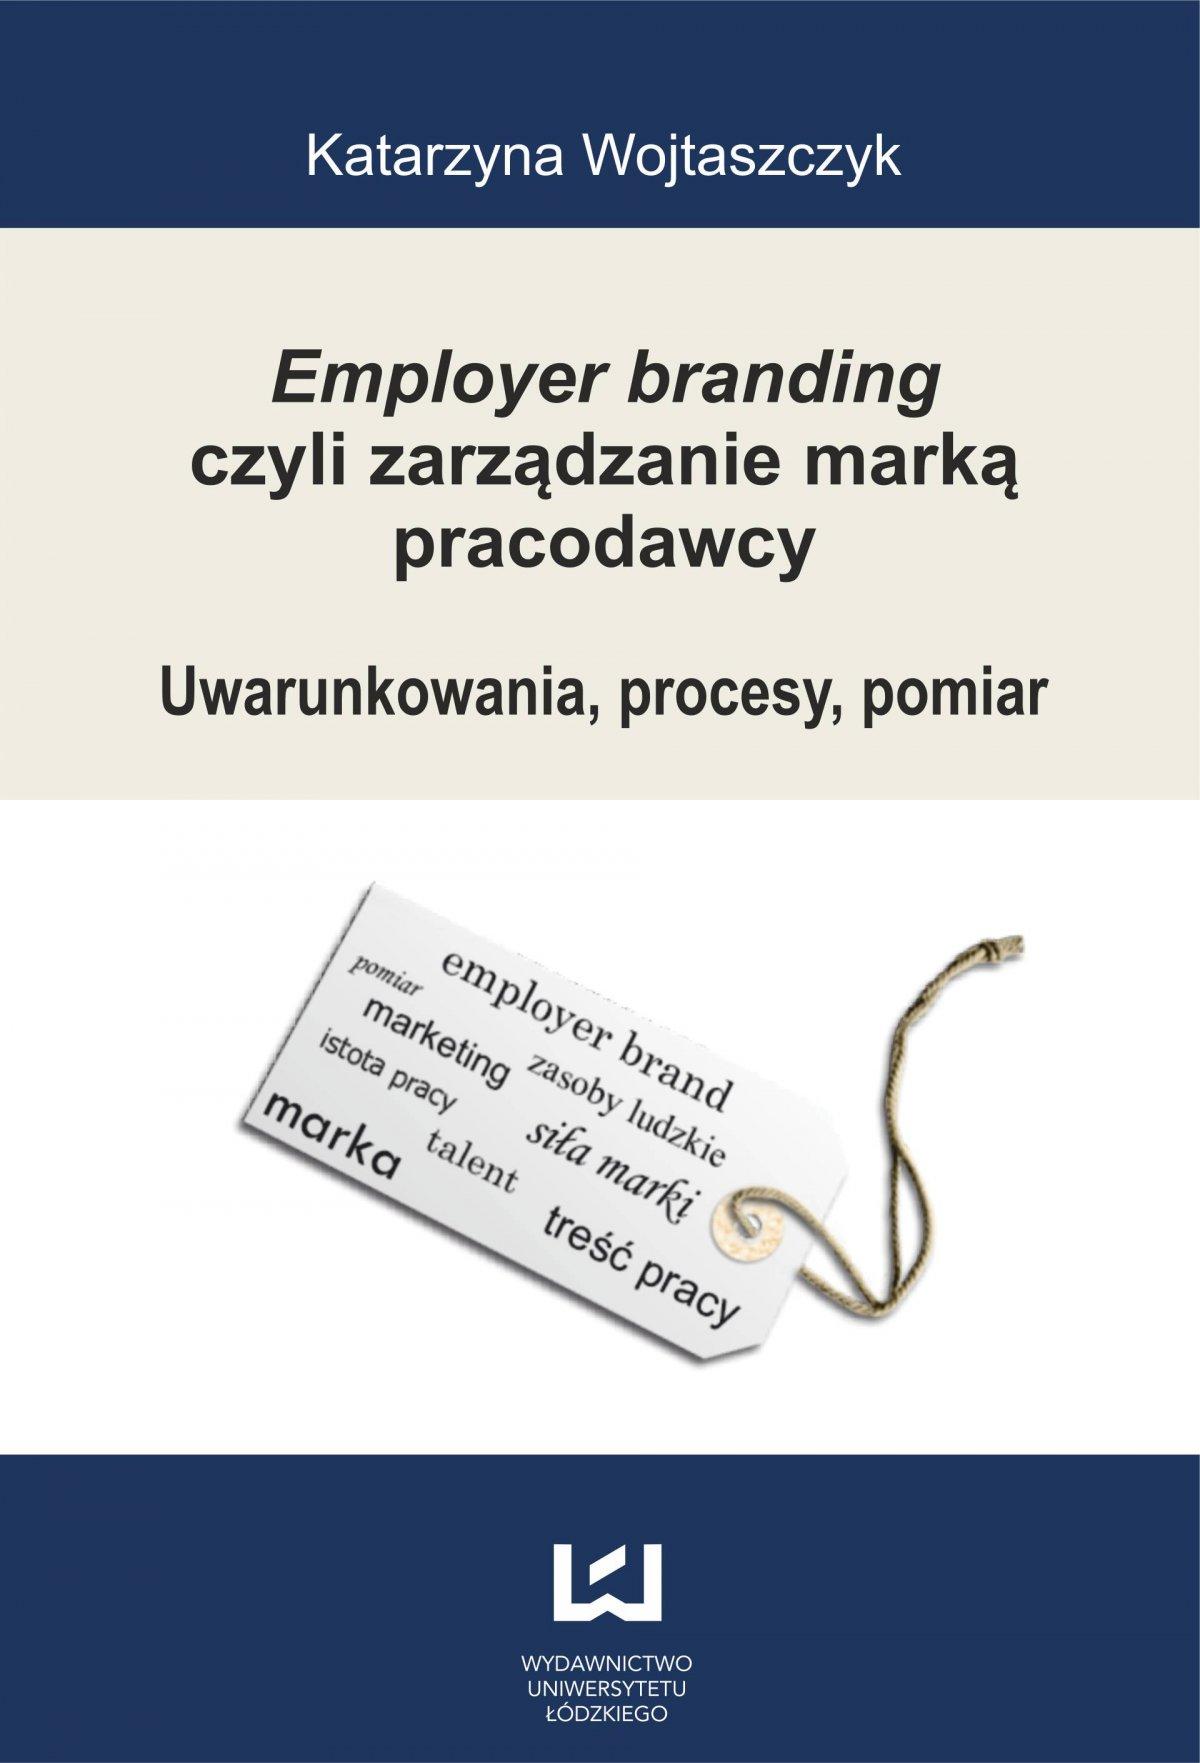 Employer branding czyli zarządzanie marką pracodawcy. Uwarunkowania, procesy, pomiar - Ebook (Książka PDF) do pobrania w formacie PDF